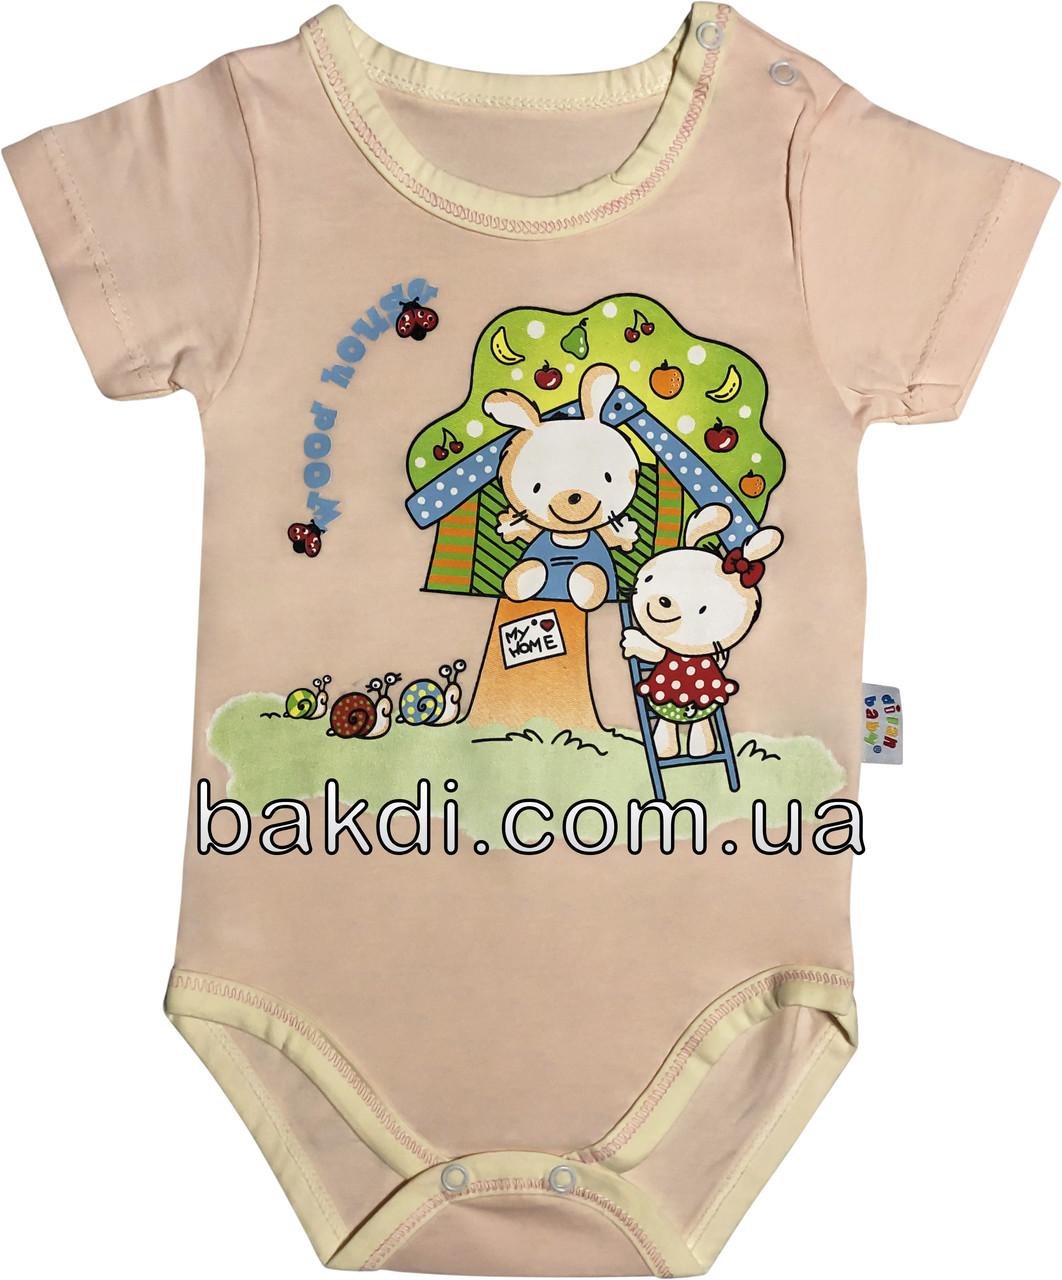 Детское летнее тонкое боди рост 68 3-6 мес трикотажное персиковое на девочку бодик с коротким рукавом для новорожденных малышей ТН195